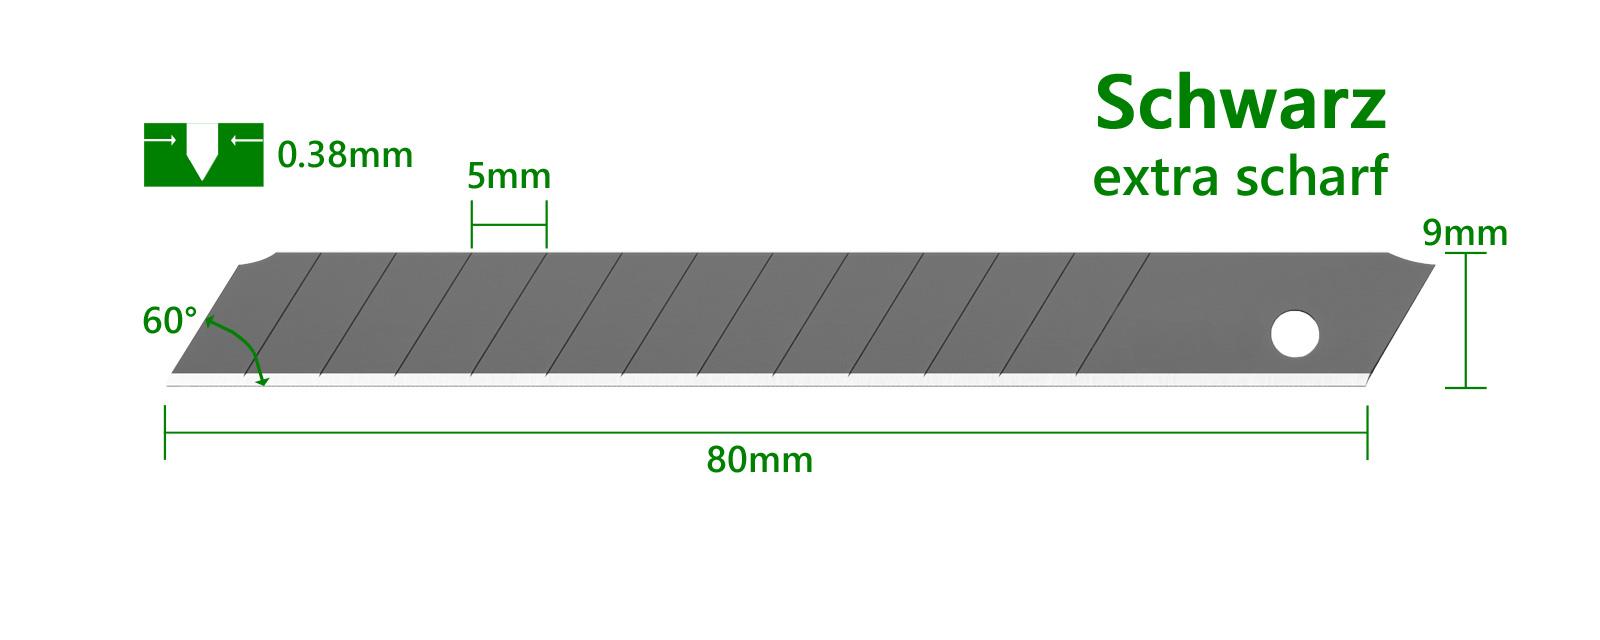 K066-9mm-Cuttermesser-Klinge-schwarz-Tajima-LCB30-Maße-CURT-tools_1600